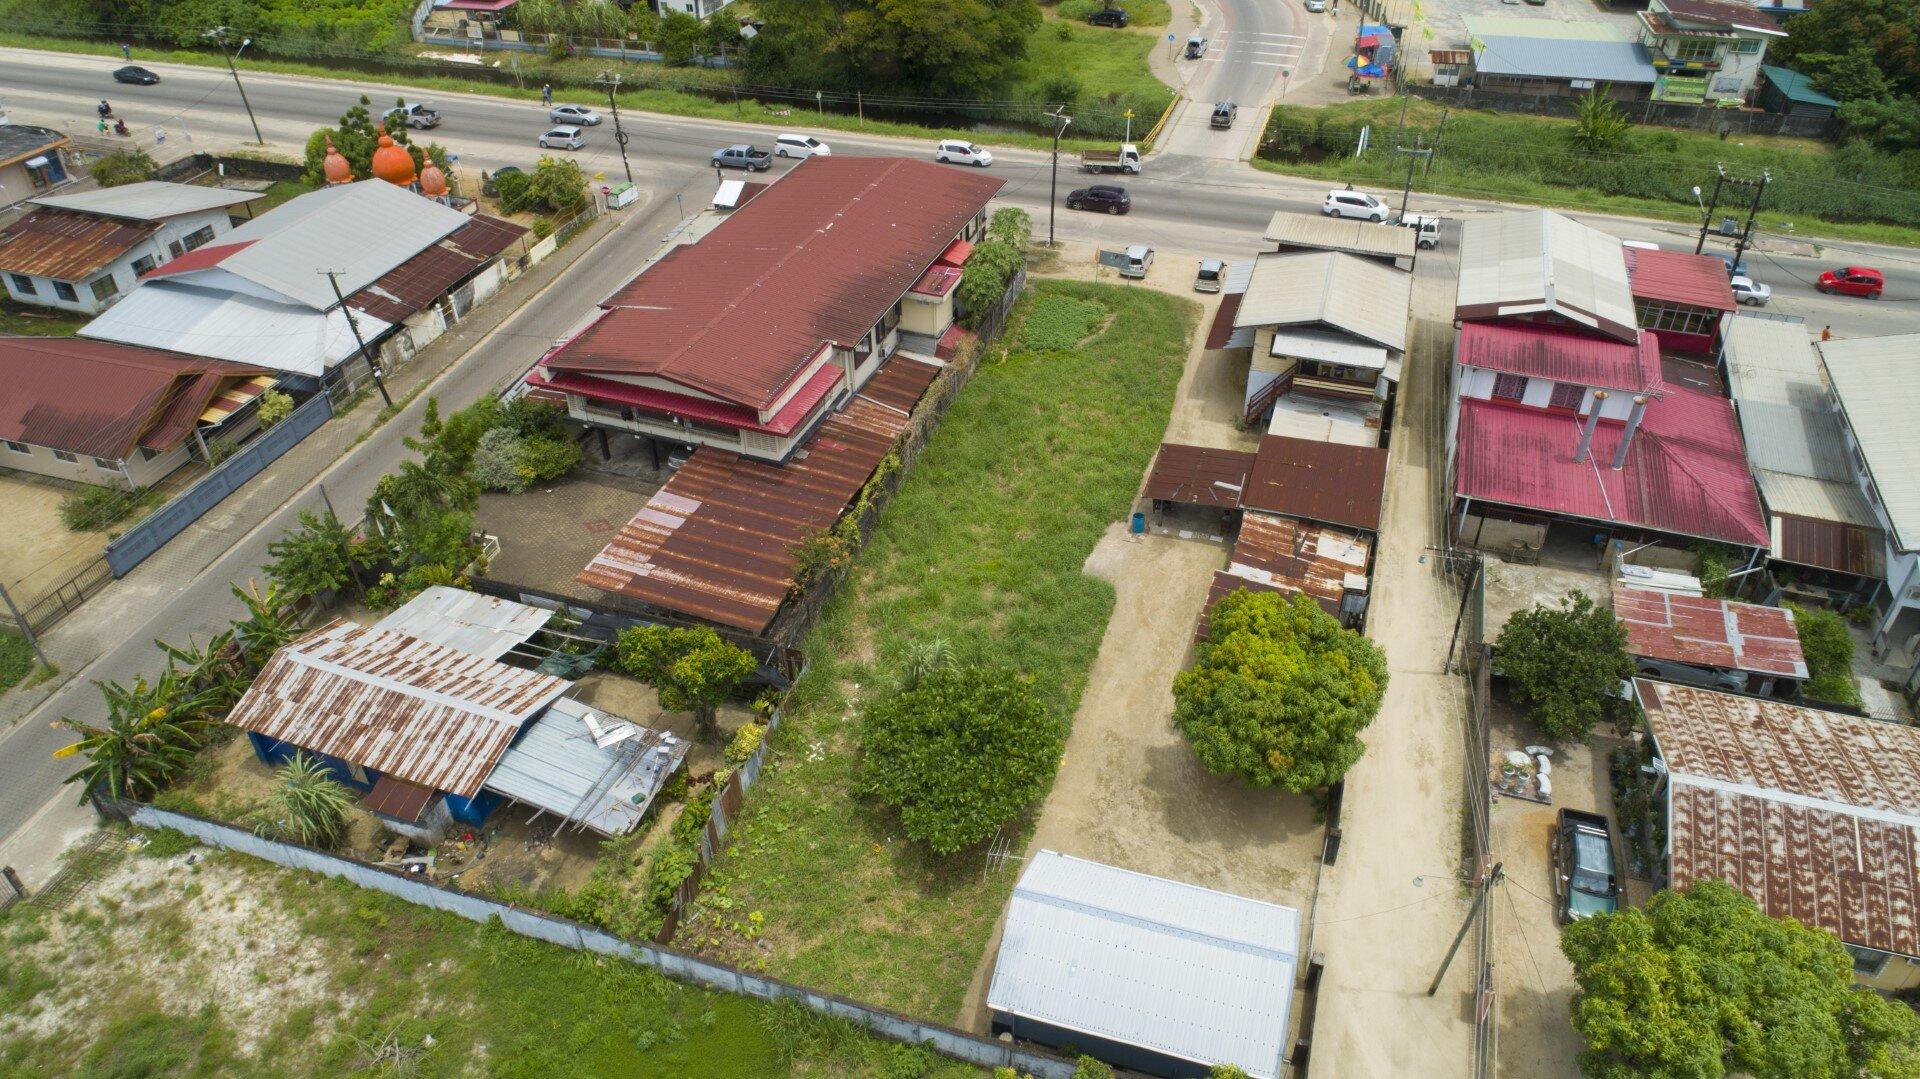 Indira Gandhiweg - Strategisch gelegen perceel bestemd voor zakelijke doeleinden aan de Indira Gandhiweg, tegenover Nieuwweer Gevondenweg. - Surgoed Makelaardij NV - Paramaribo, Suriname